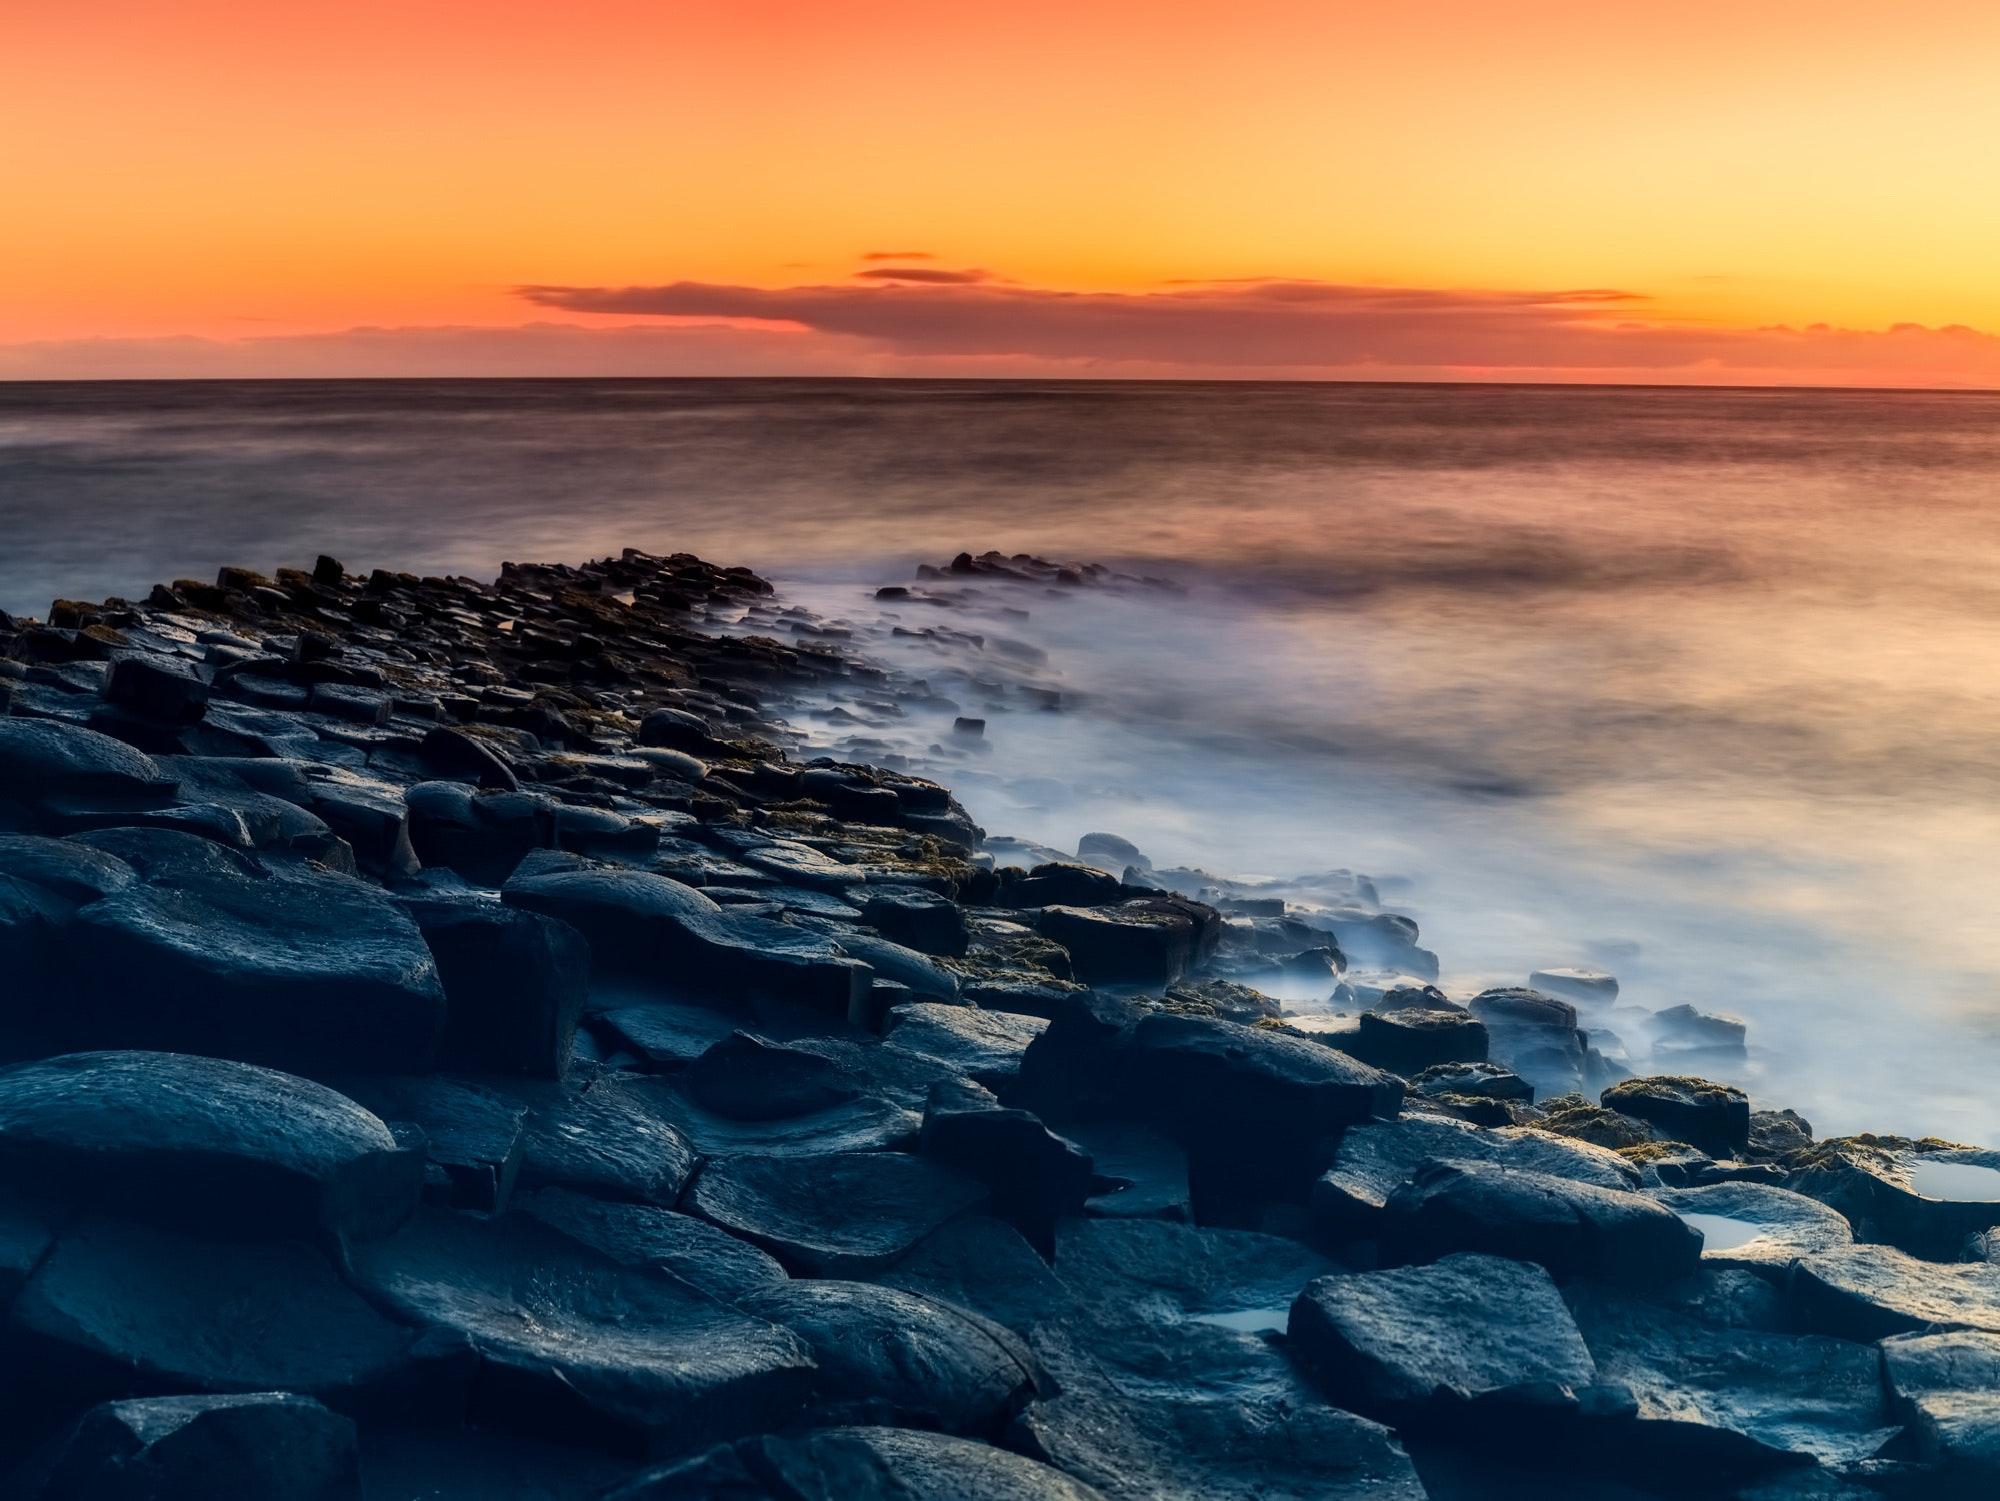 beach-clouds-dawn-533842.jpg